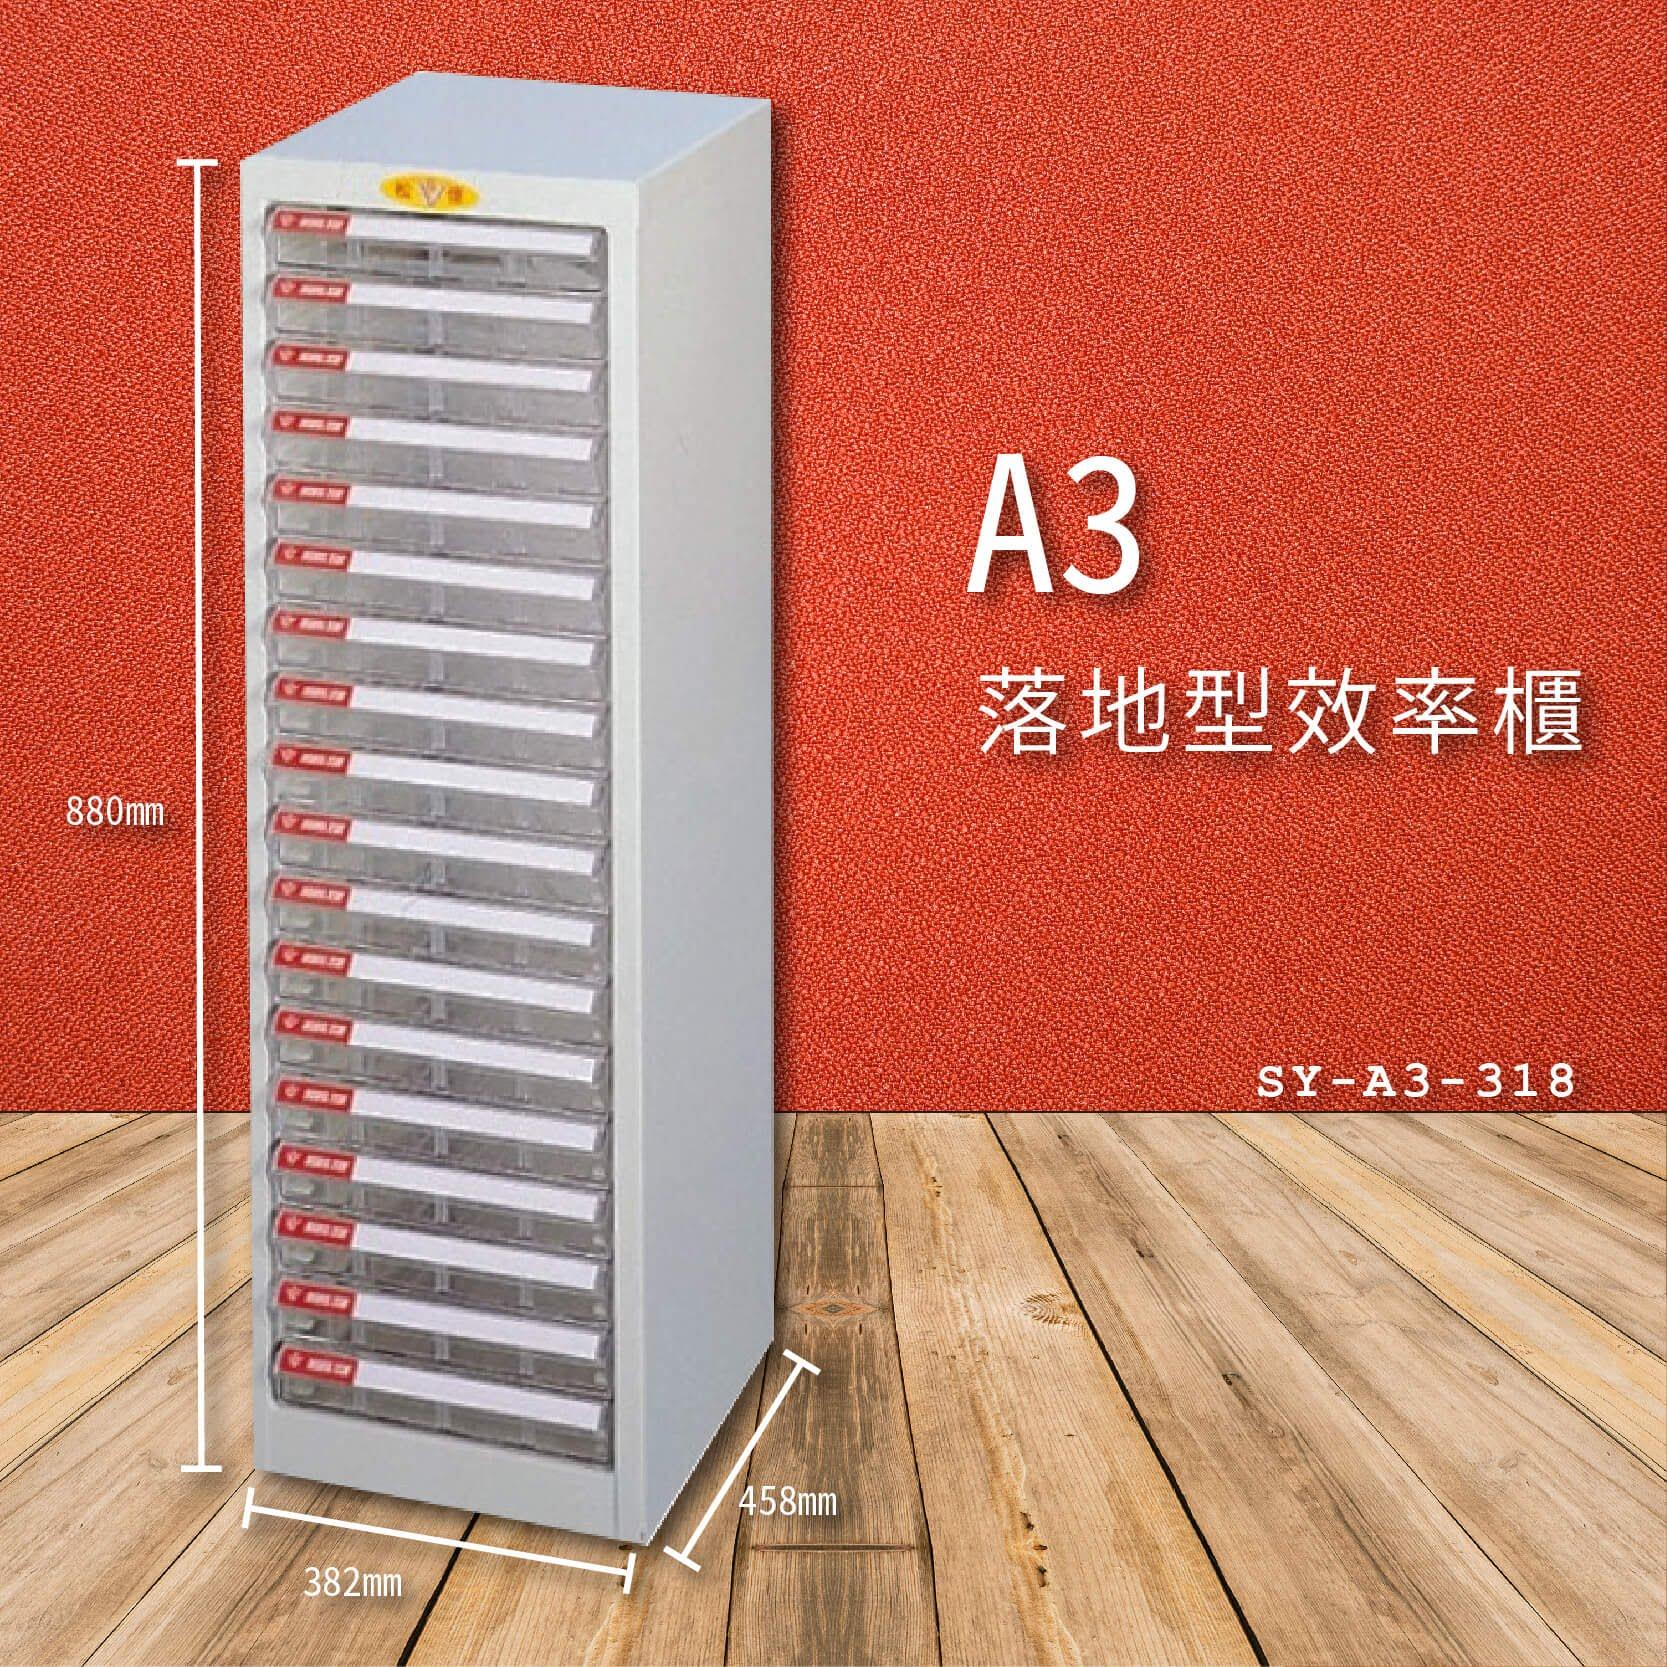 官方推薦【大富】SY-A3-318 A3落地型效率櫃 收納櫃 置物櫃 文件櫃 公文櫃 直立櫃 收納置物櫃 台灣製造